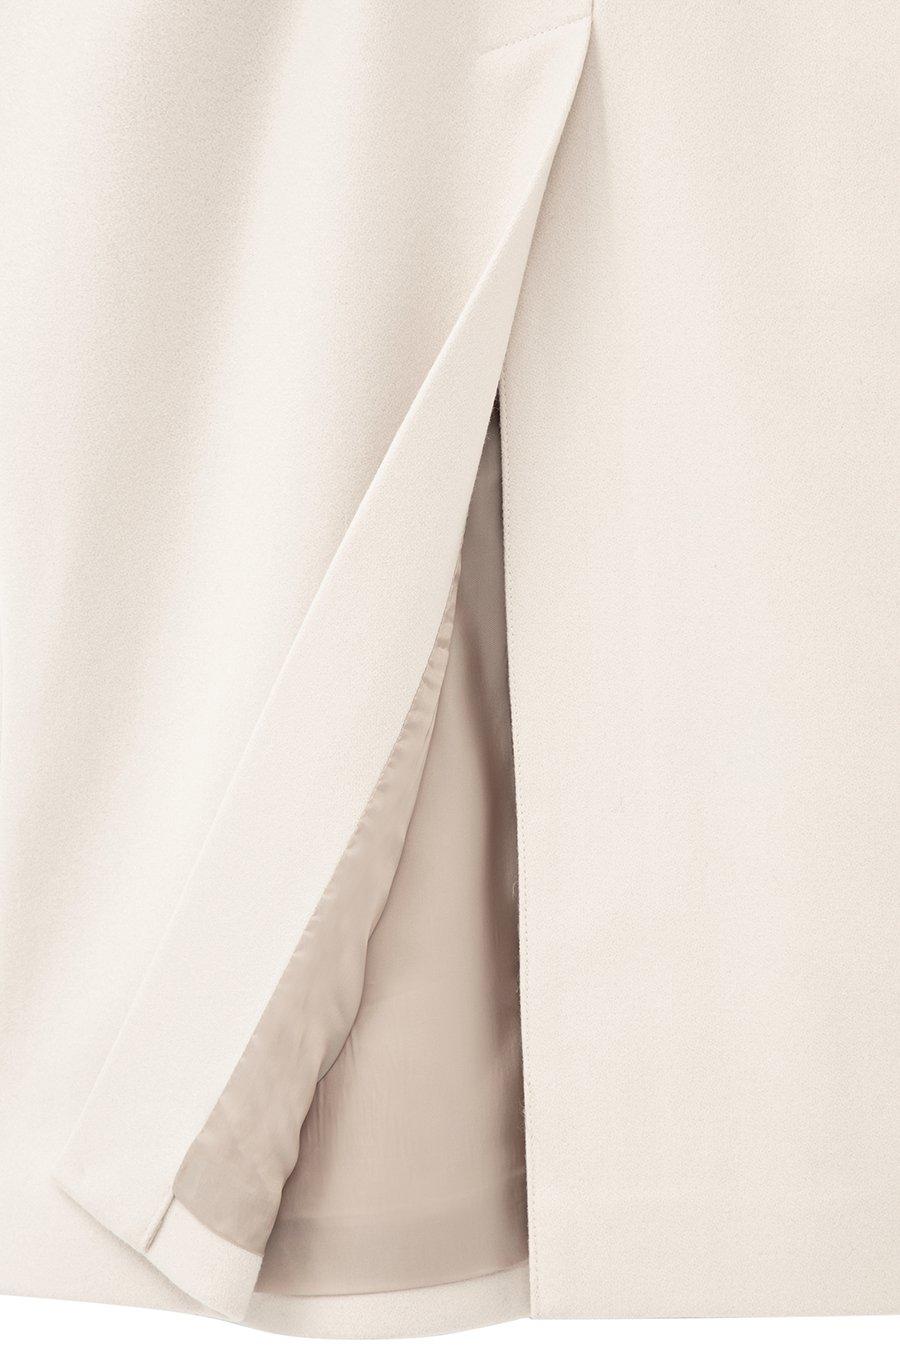 인사일런스(IN SILENCE) [BLACK LABEL] FORTEX 발마칸 로브 코트 CREAM